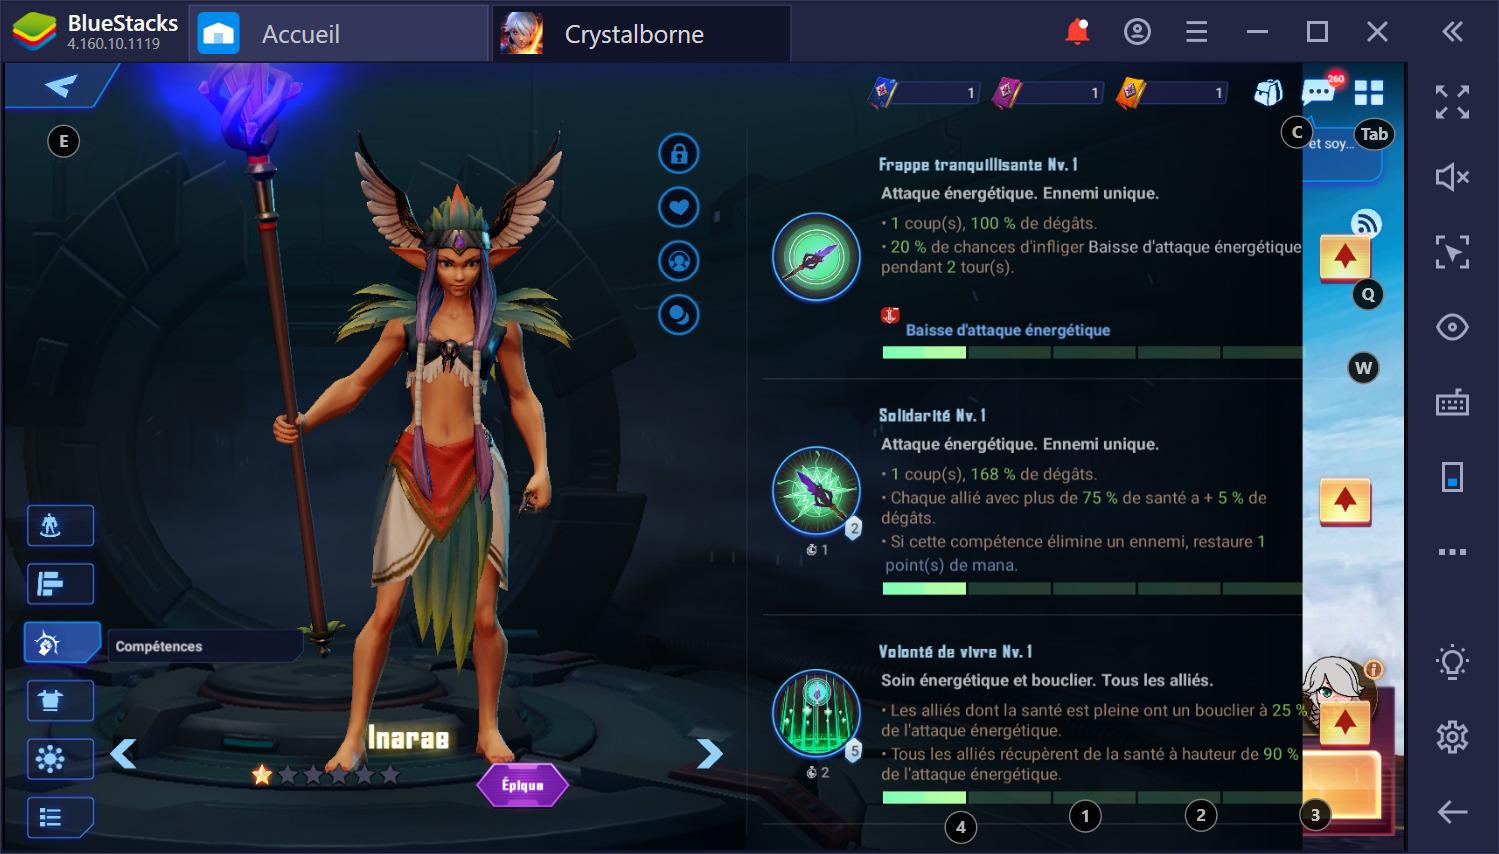 Comment débloquer et améliorer les héros de Crystalborne Heroes of Fate sur PC